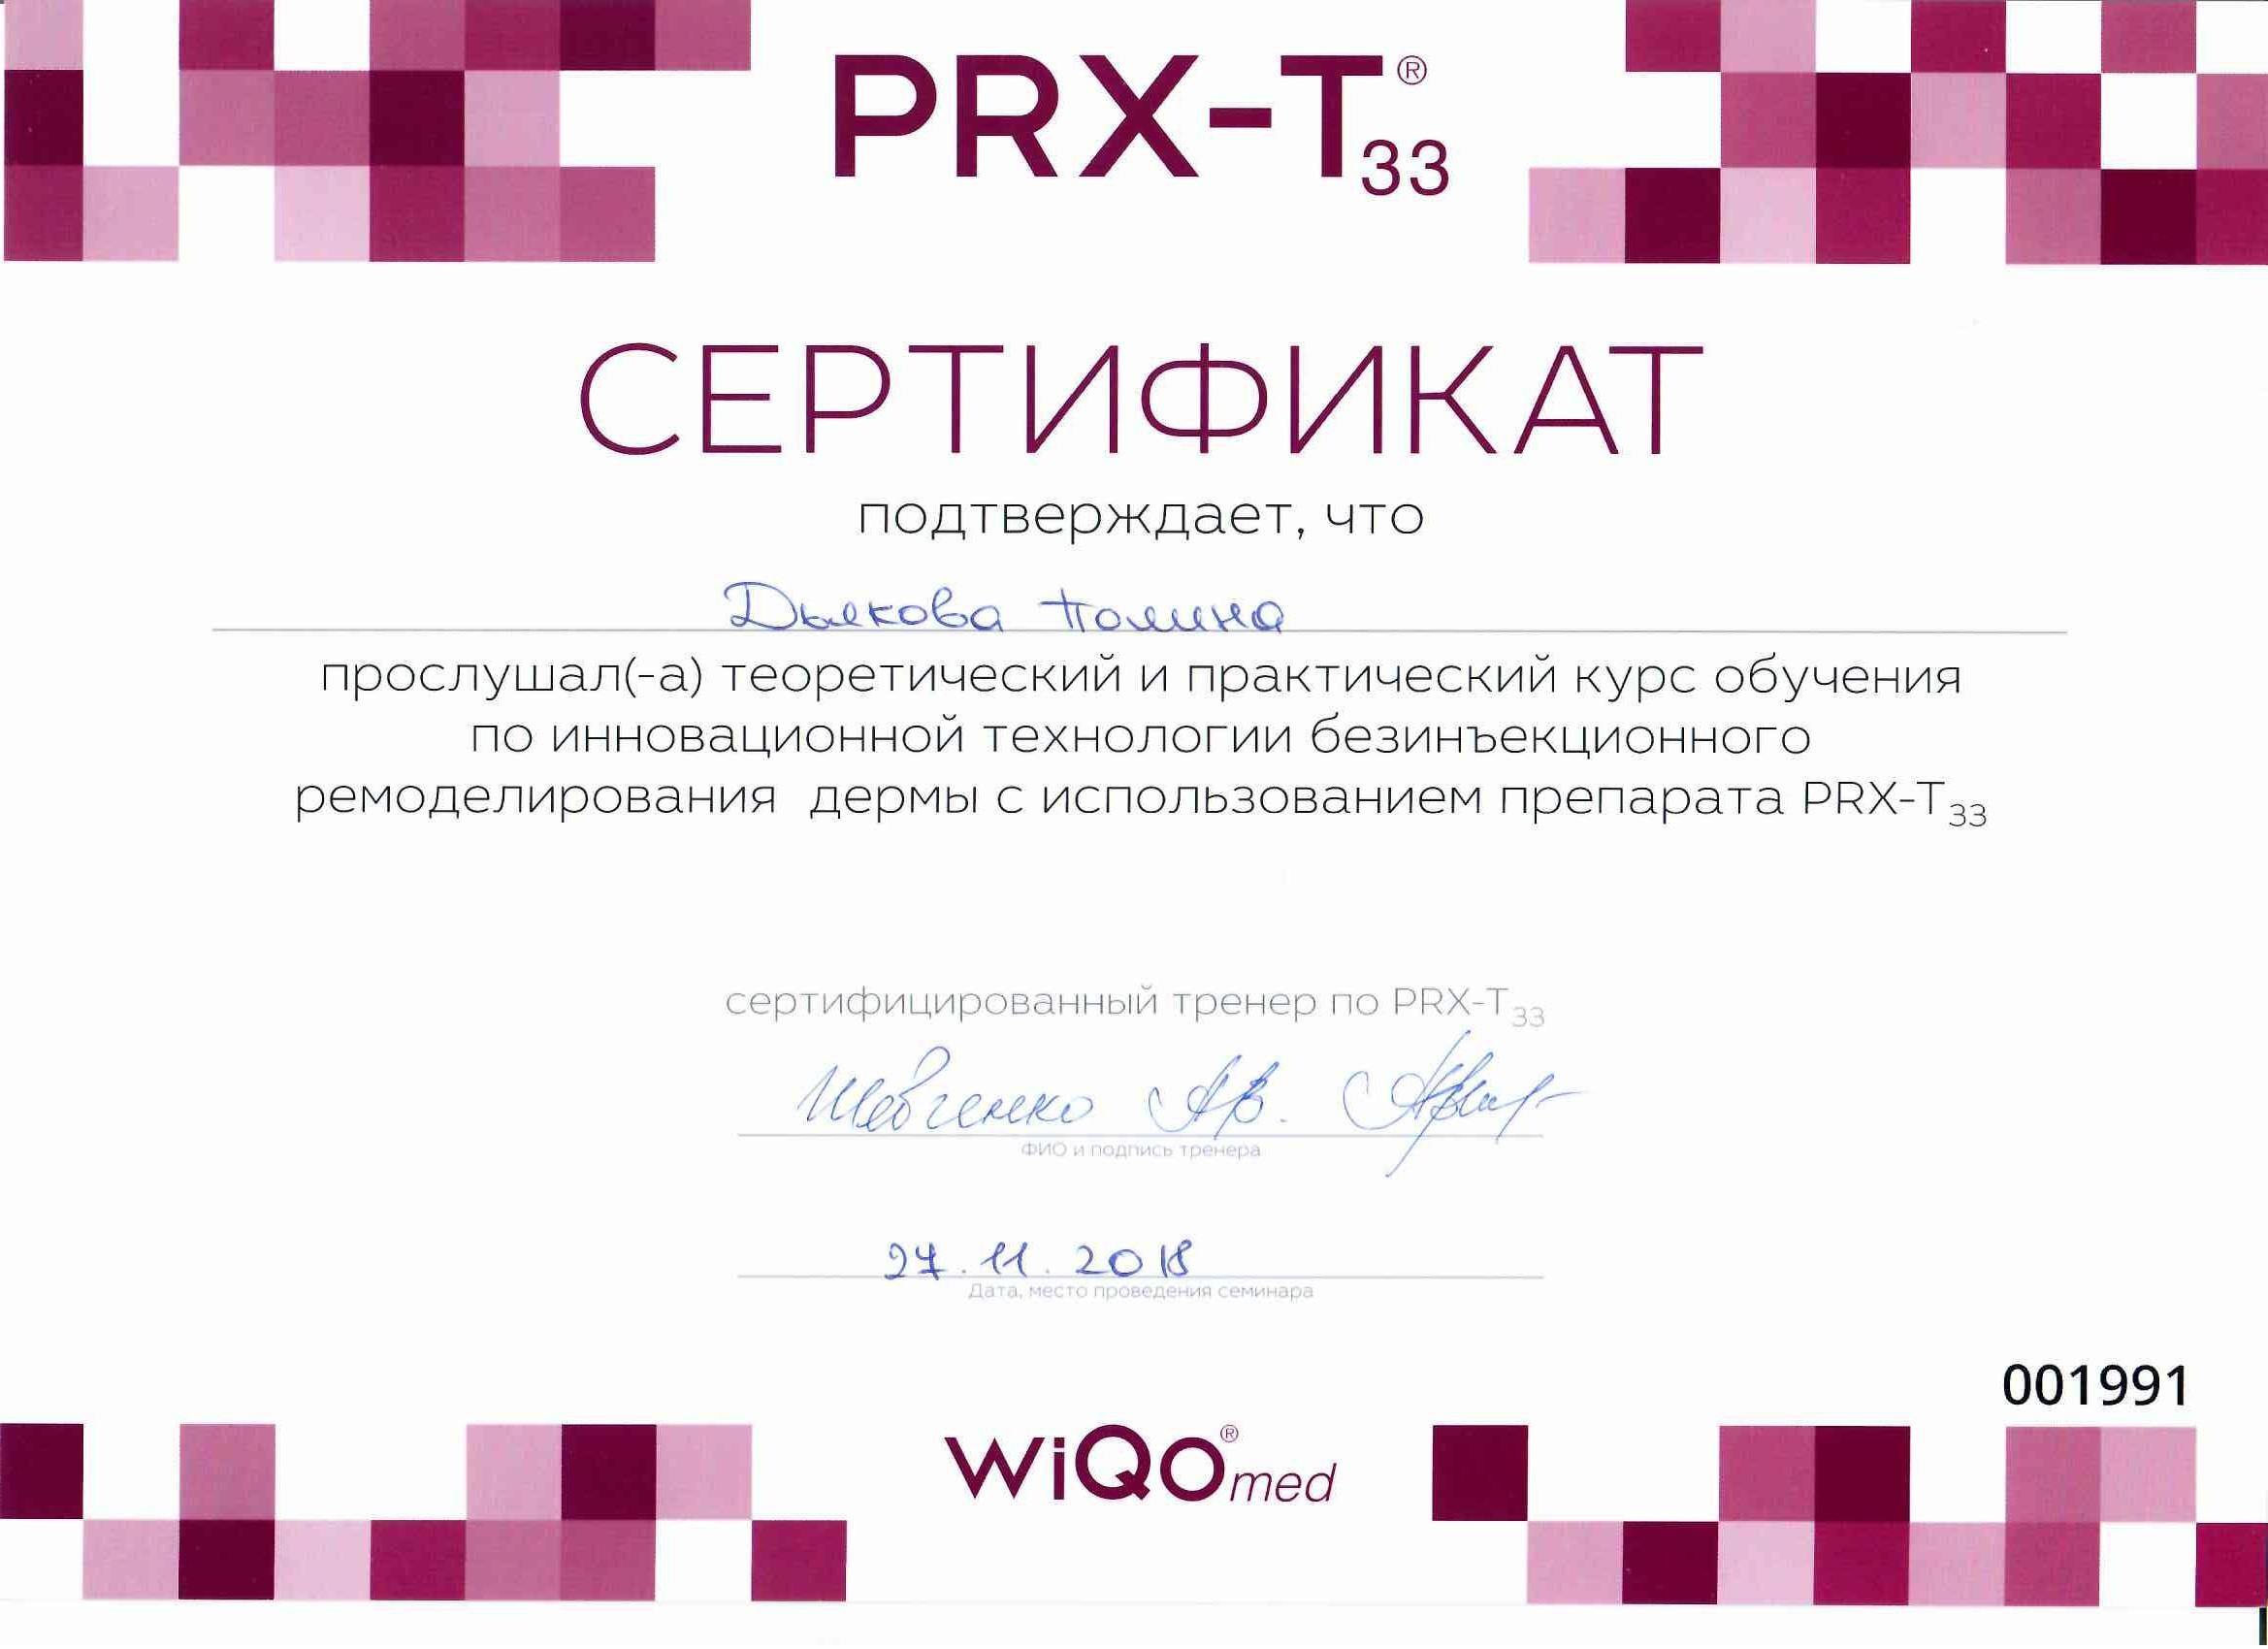 2018 теоретический и практический курс обучения по инновационной технологии безинъекционного ремоделирования дермы с использованием препарата PRX-T33